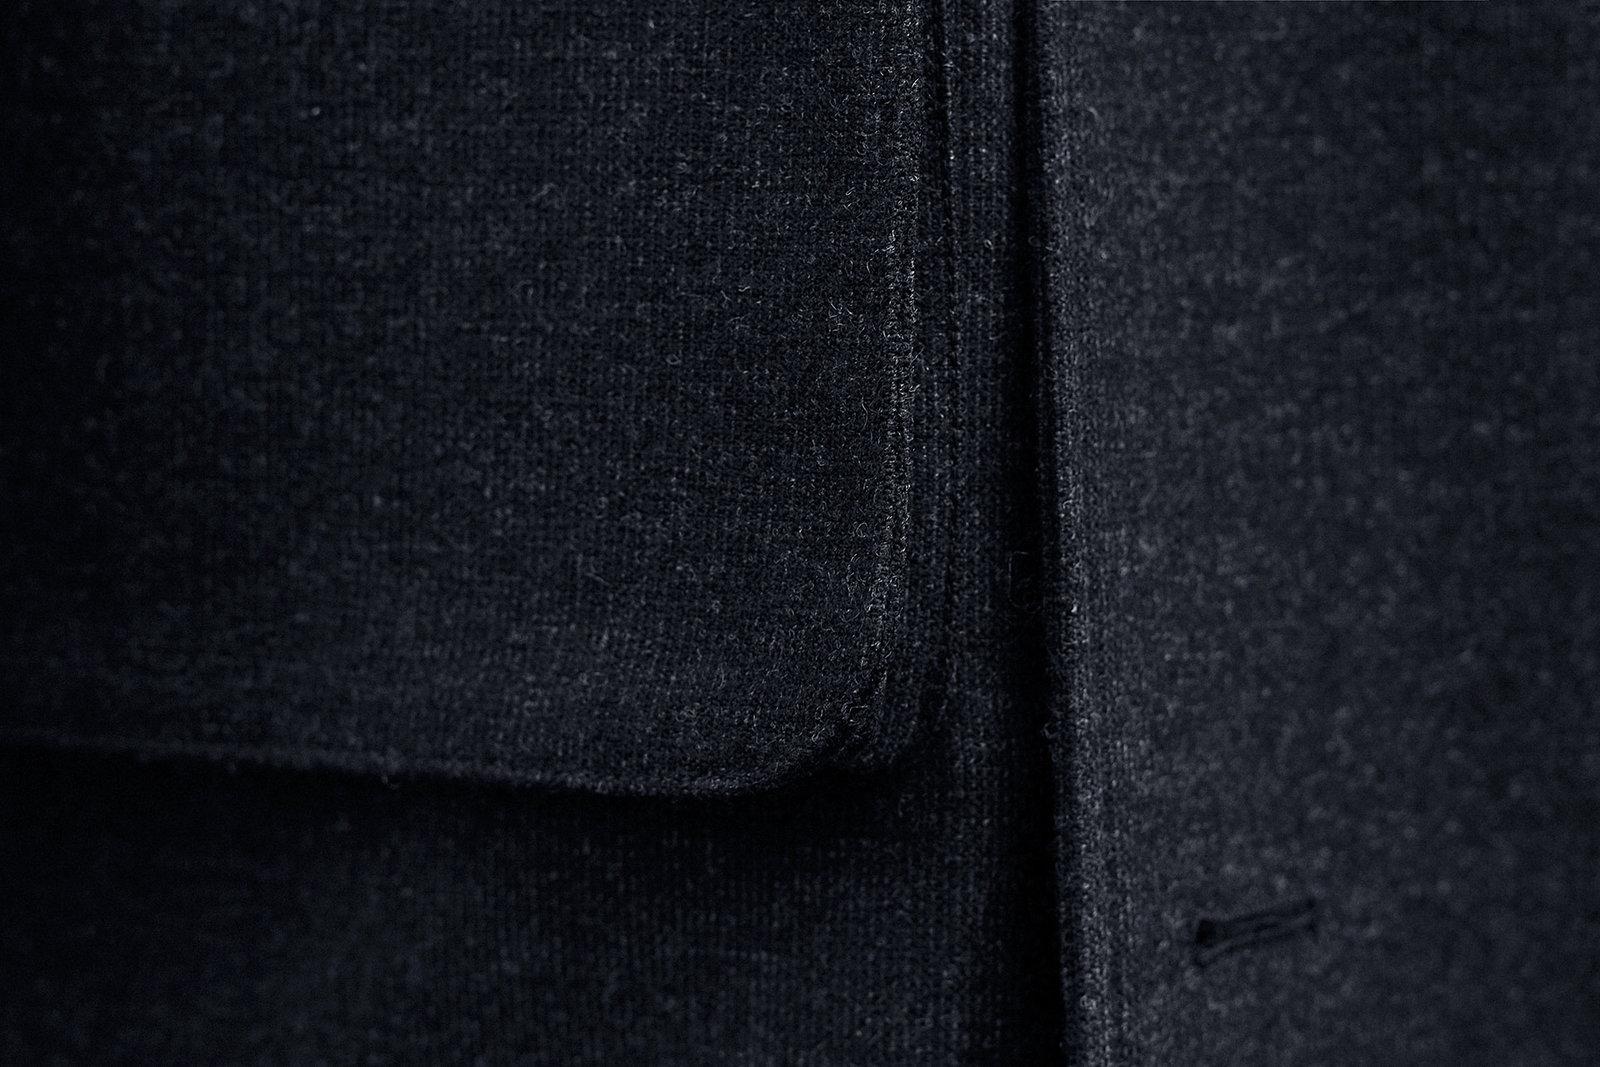 trench-coat-natte-tweed-dark-navy-16@2x.jpg